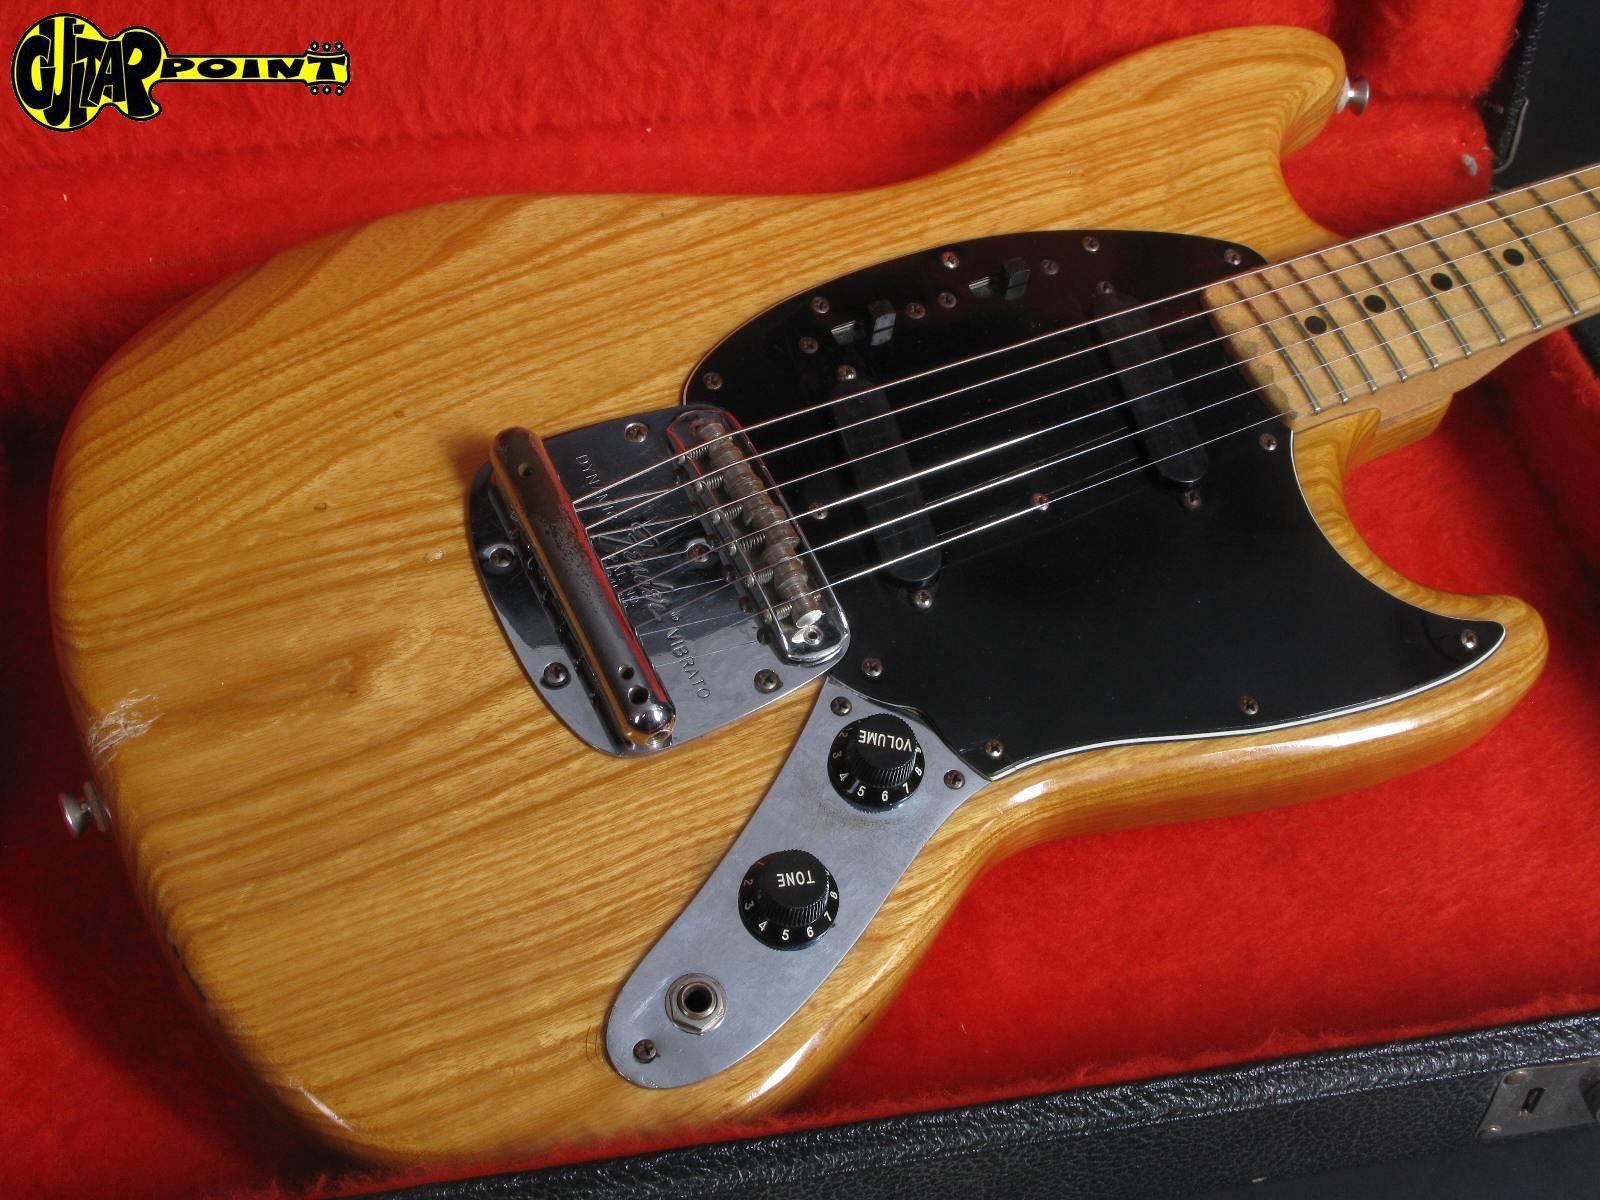 fender mustang 1978 natural guitar for sale guitarpoint. Black Bedroom Furniture Sets. Home Design Ideas